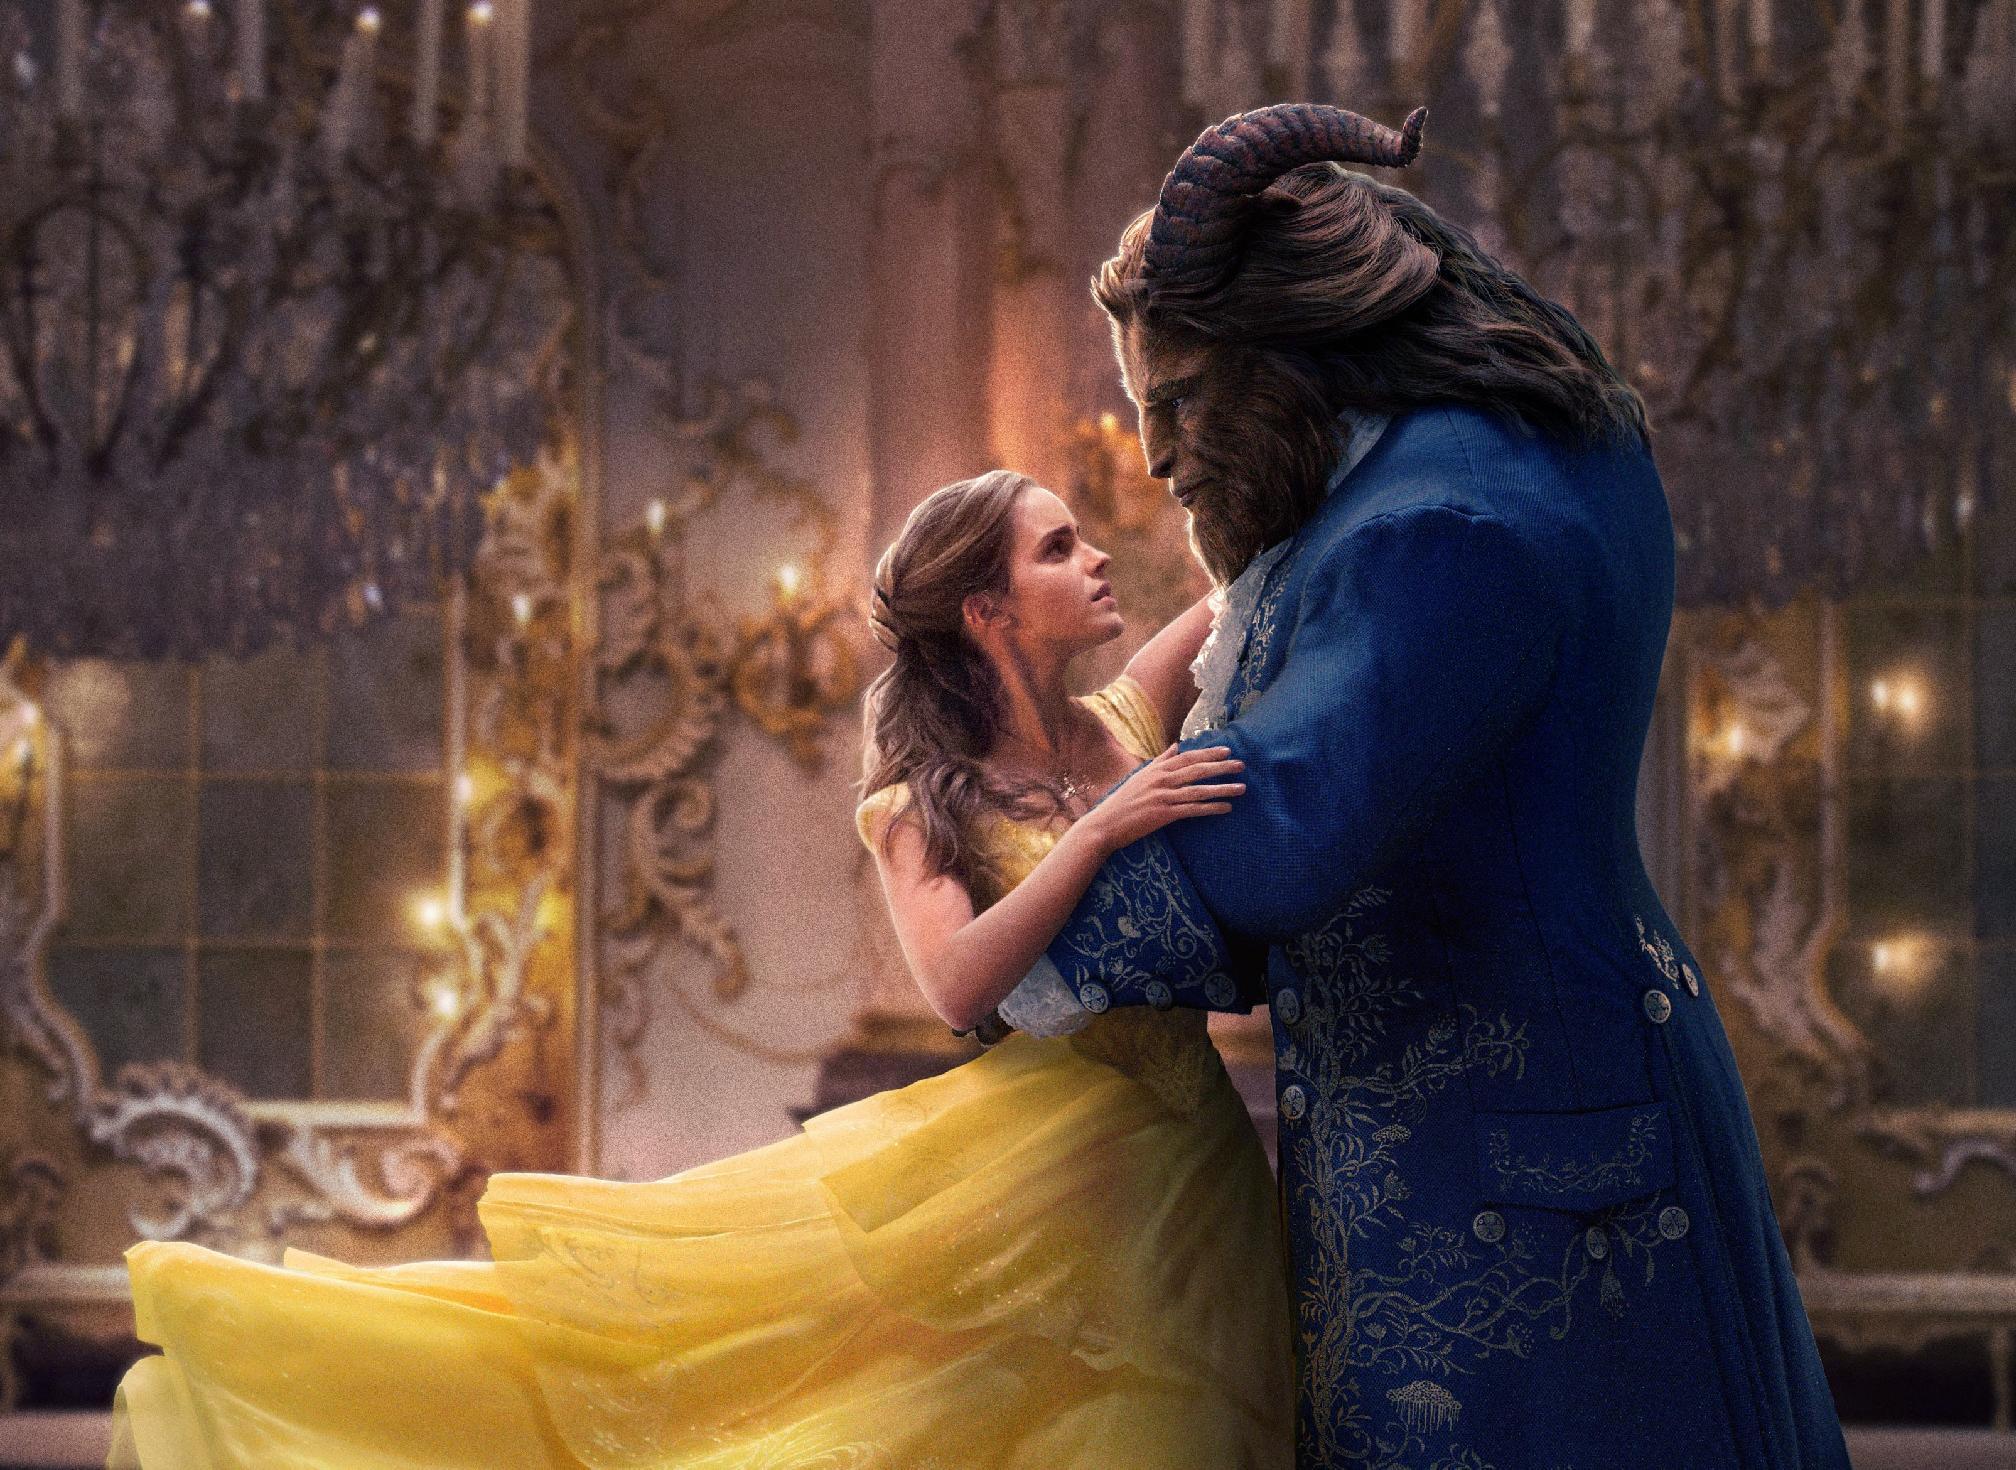 La bella y la bestia movie